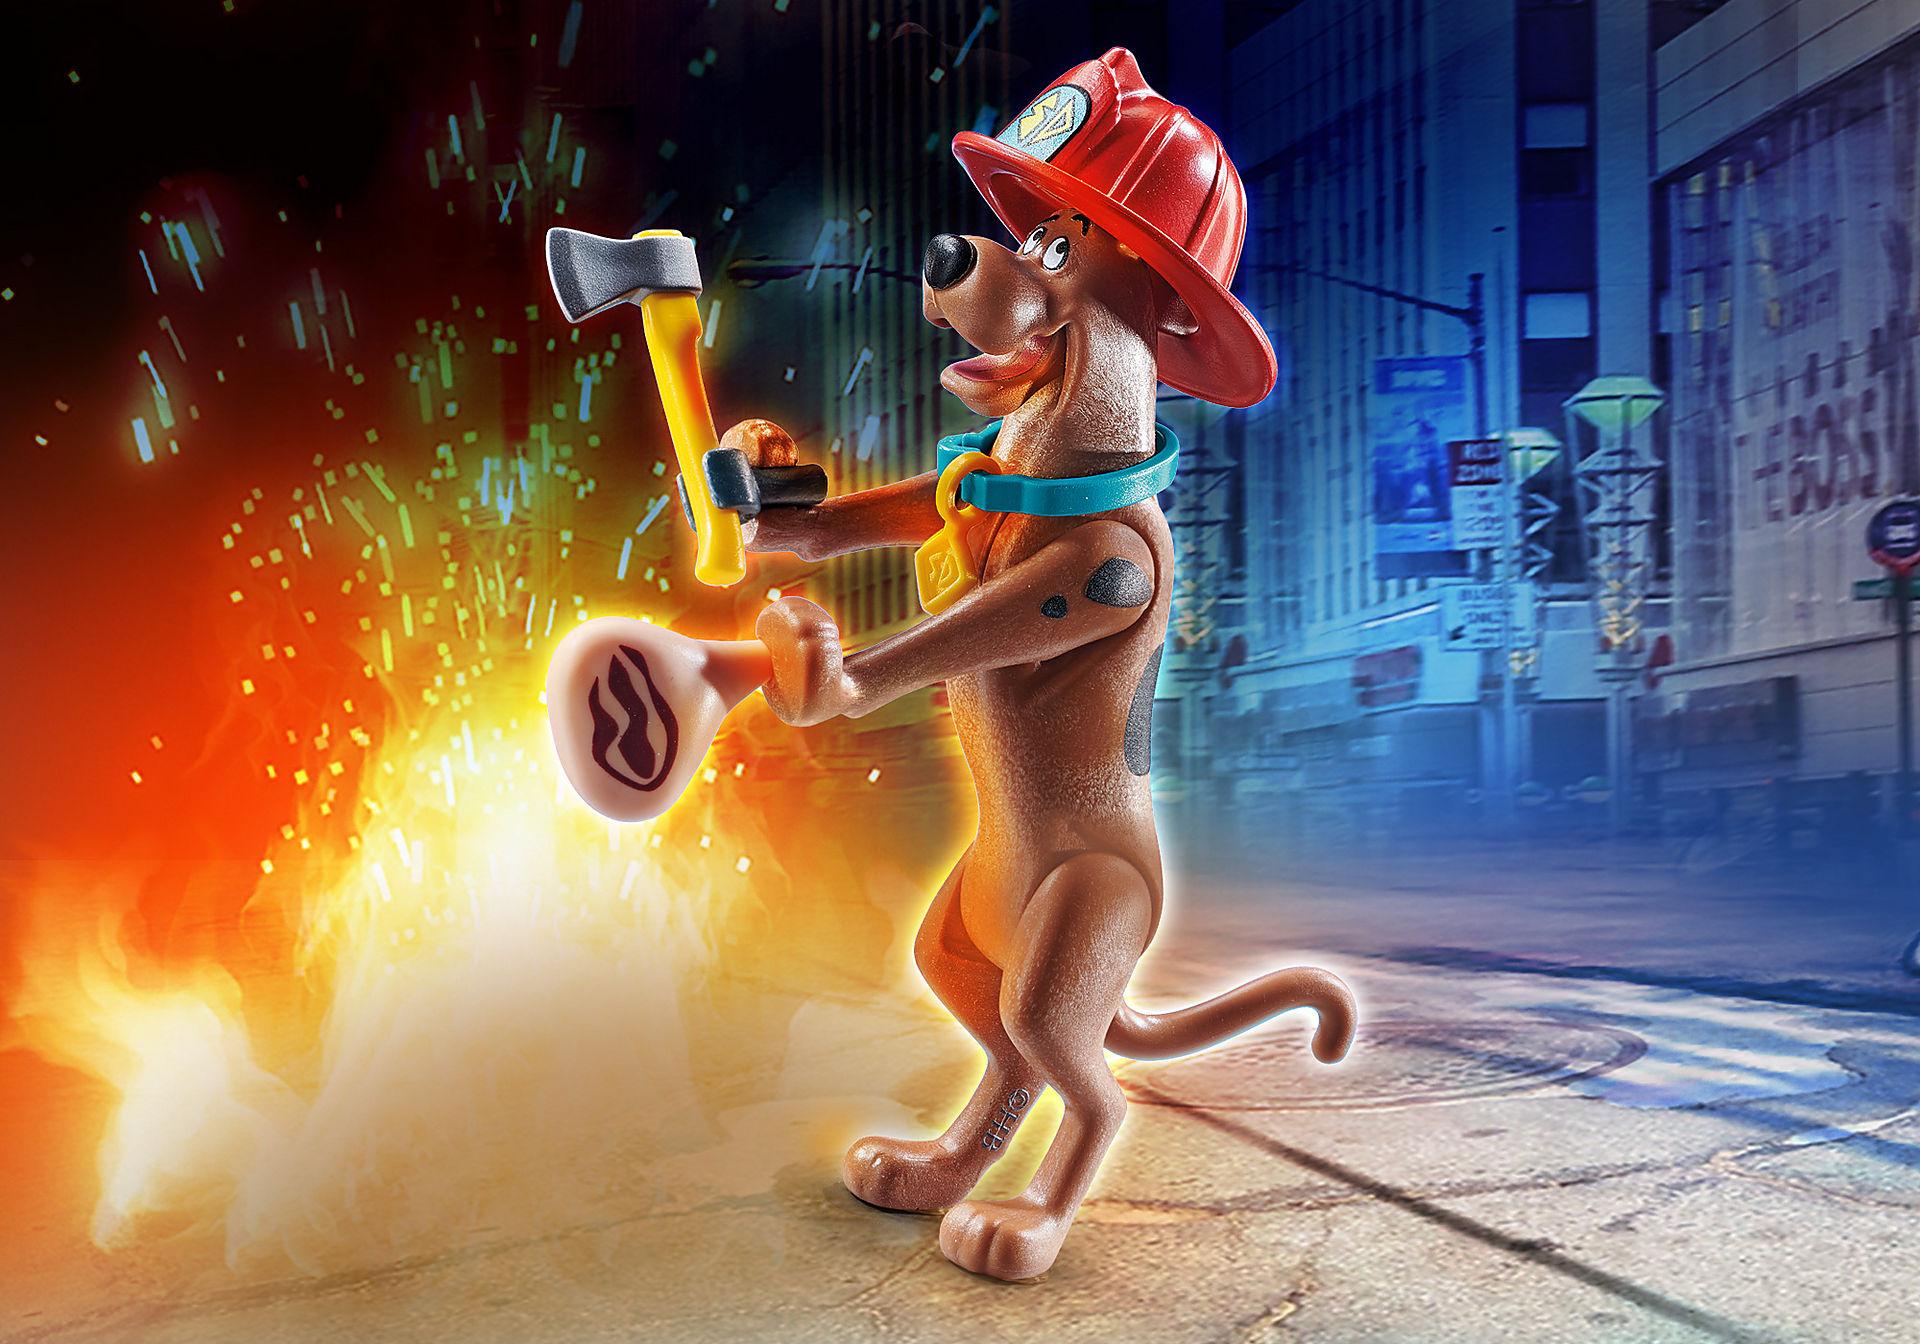 70712 SCOOBY-DOO! Scooby vigile del fuoco zoom image1